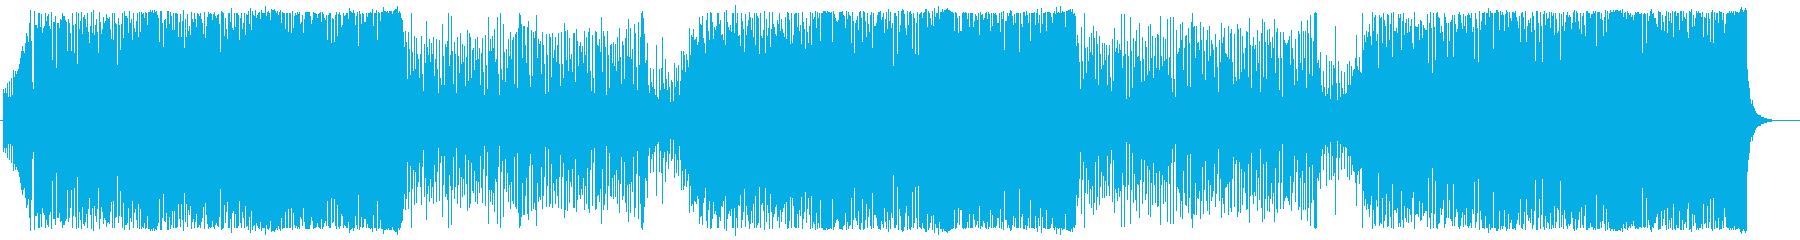 動画のオープニングにピッタリの再生済みの波形